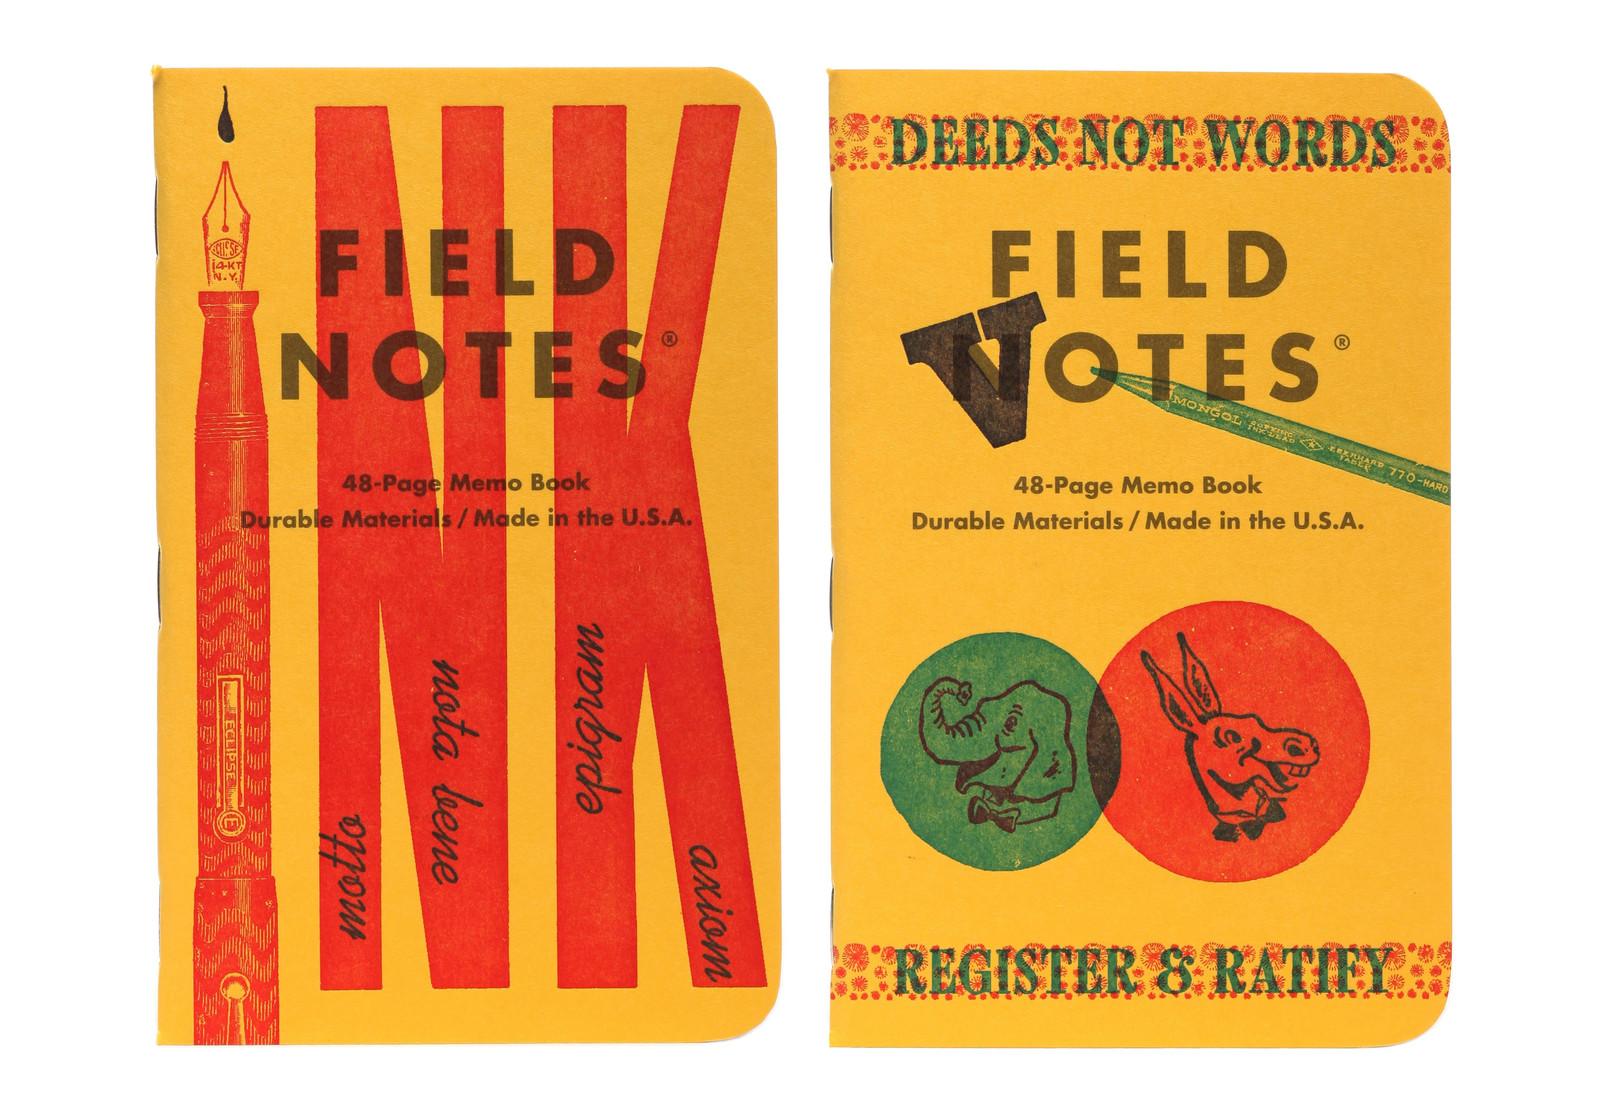 field notes letterpress 9